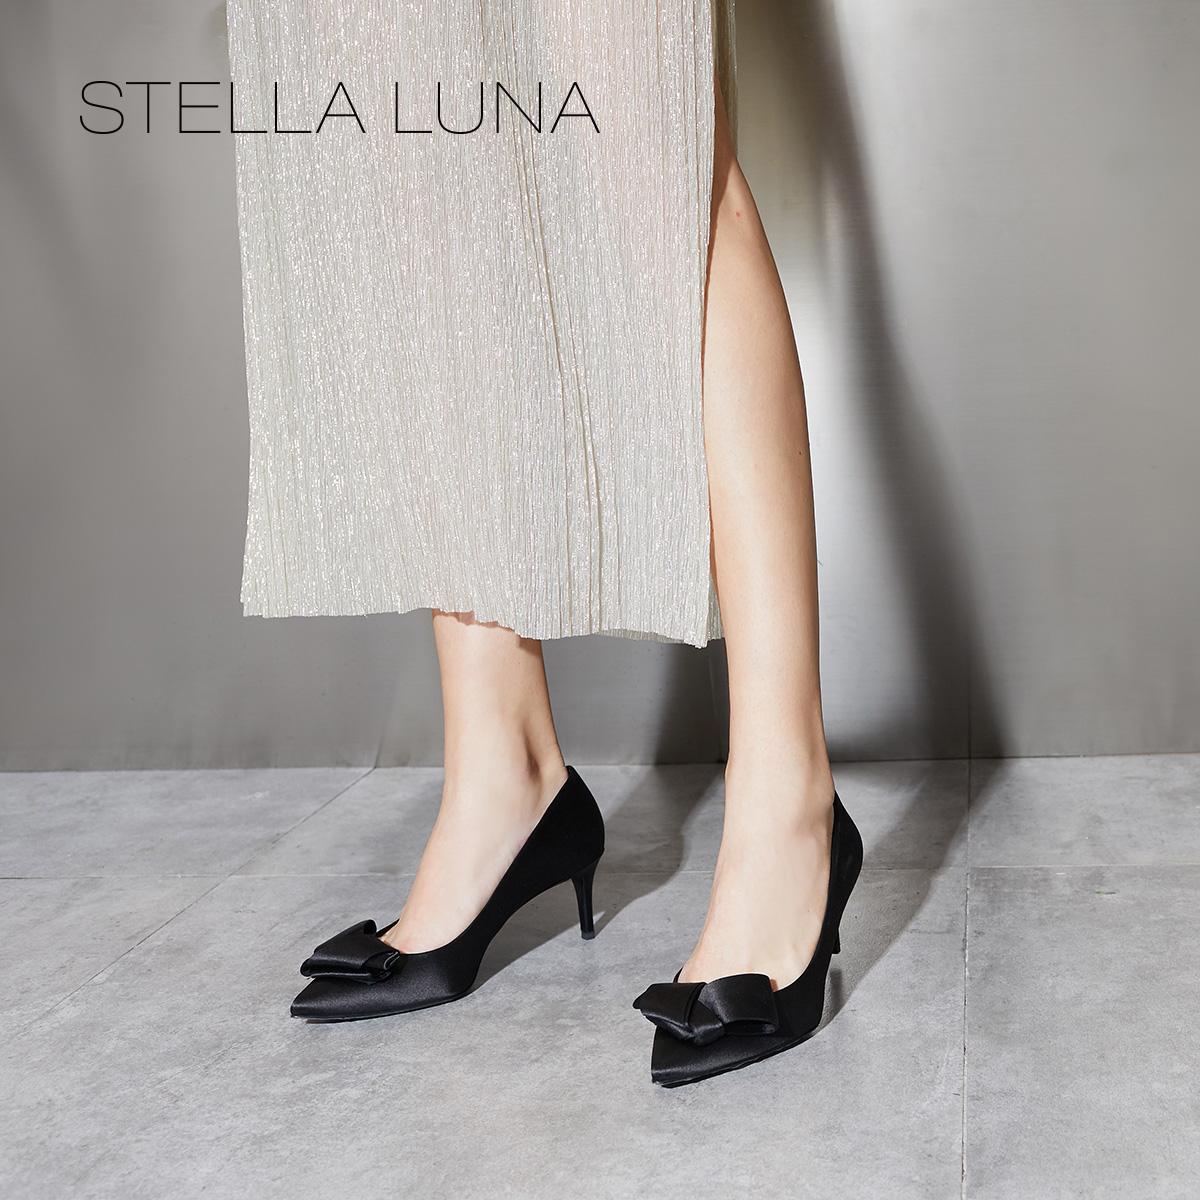 STELLA LUNA早秋沙丁布蝴蝶结细高跟女士单鞋婚鞋 SH333F02208